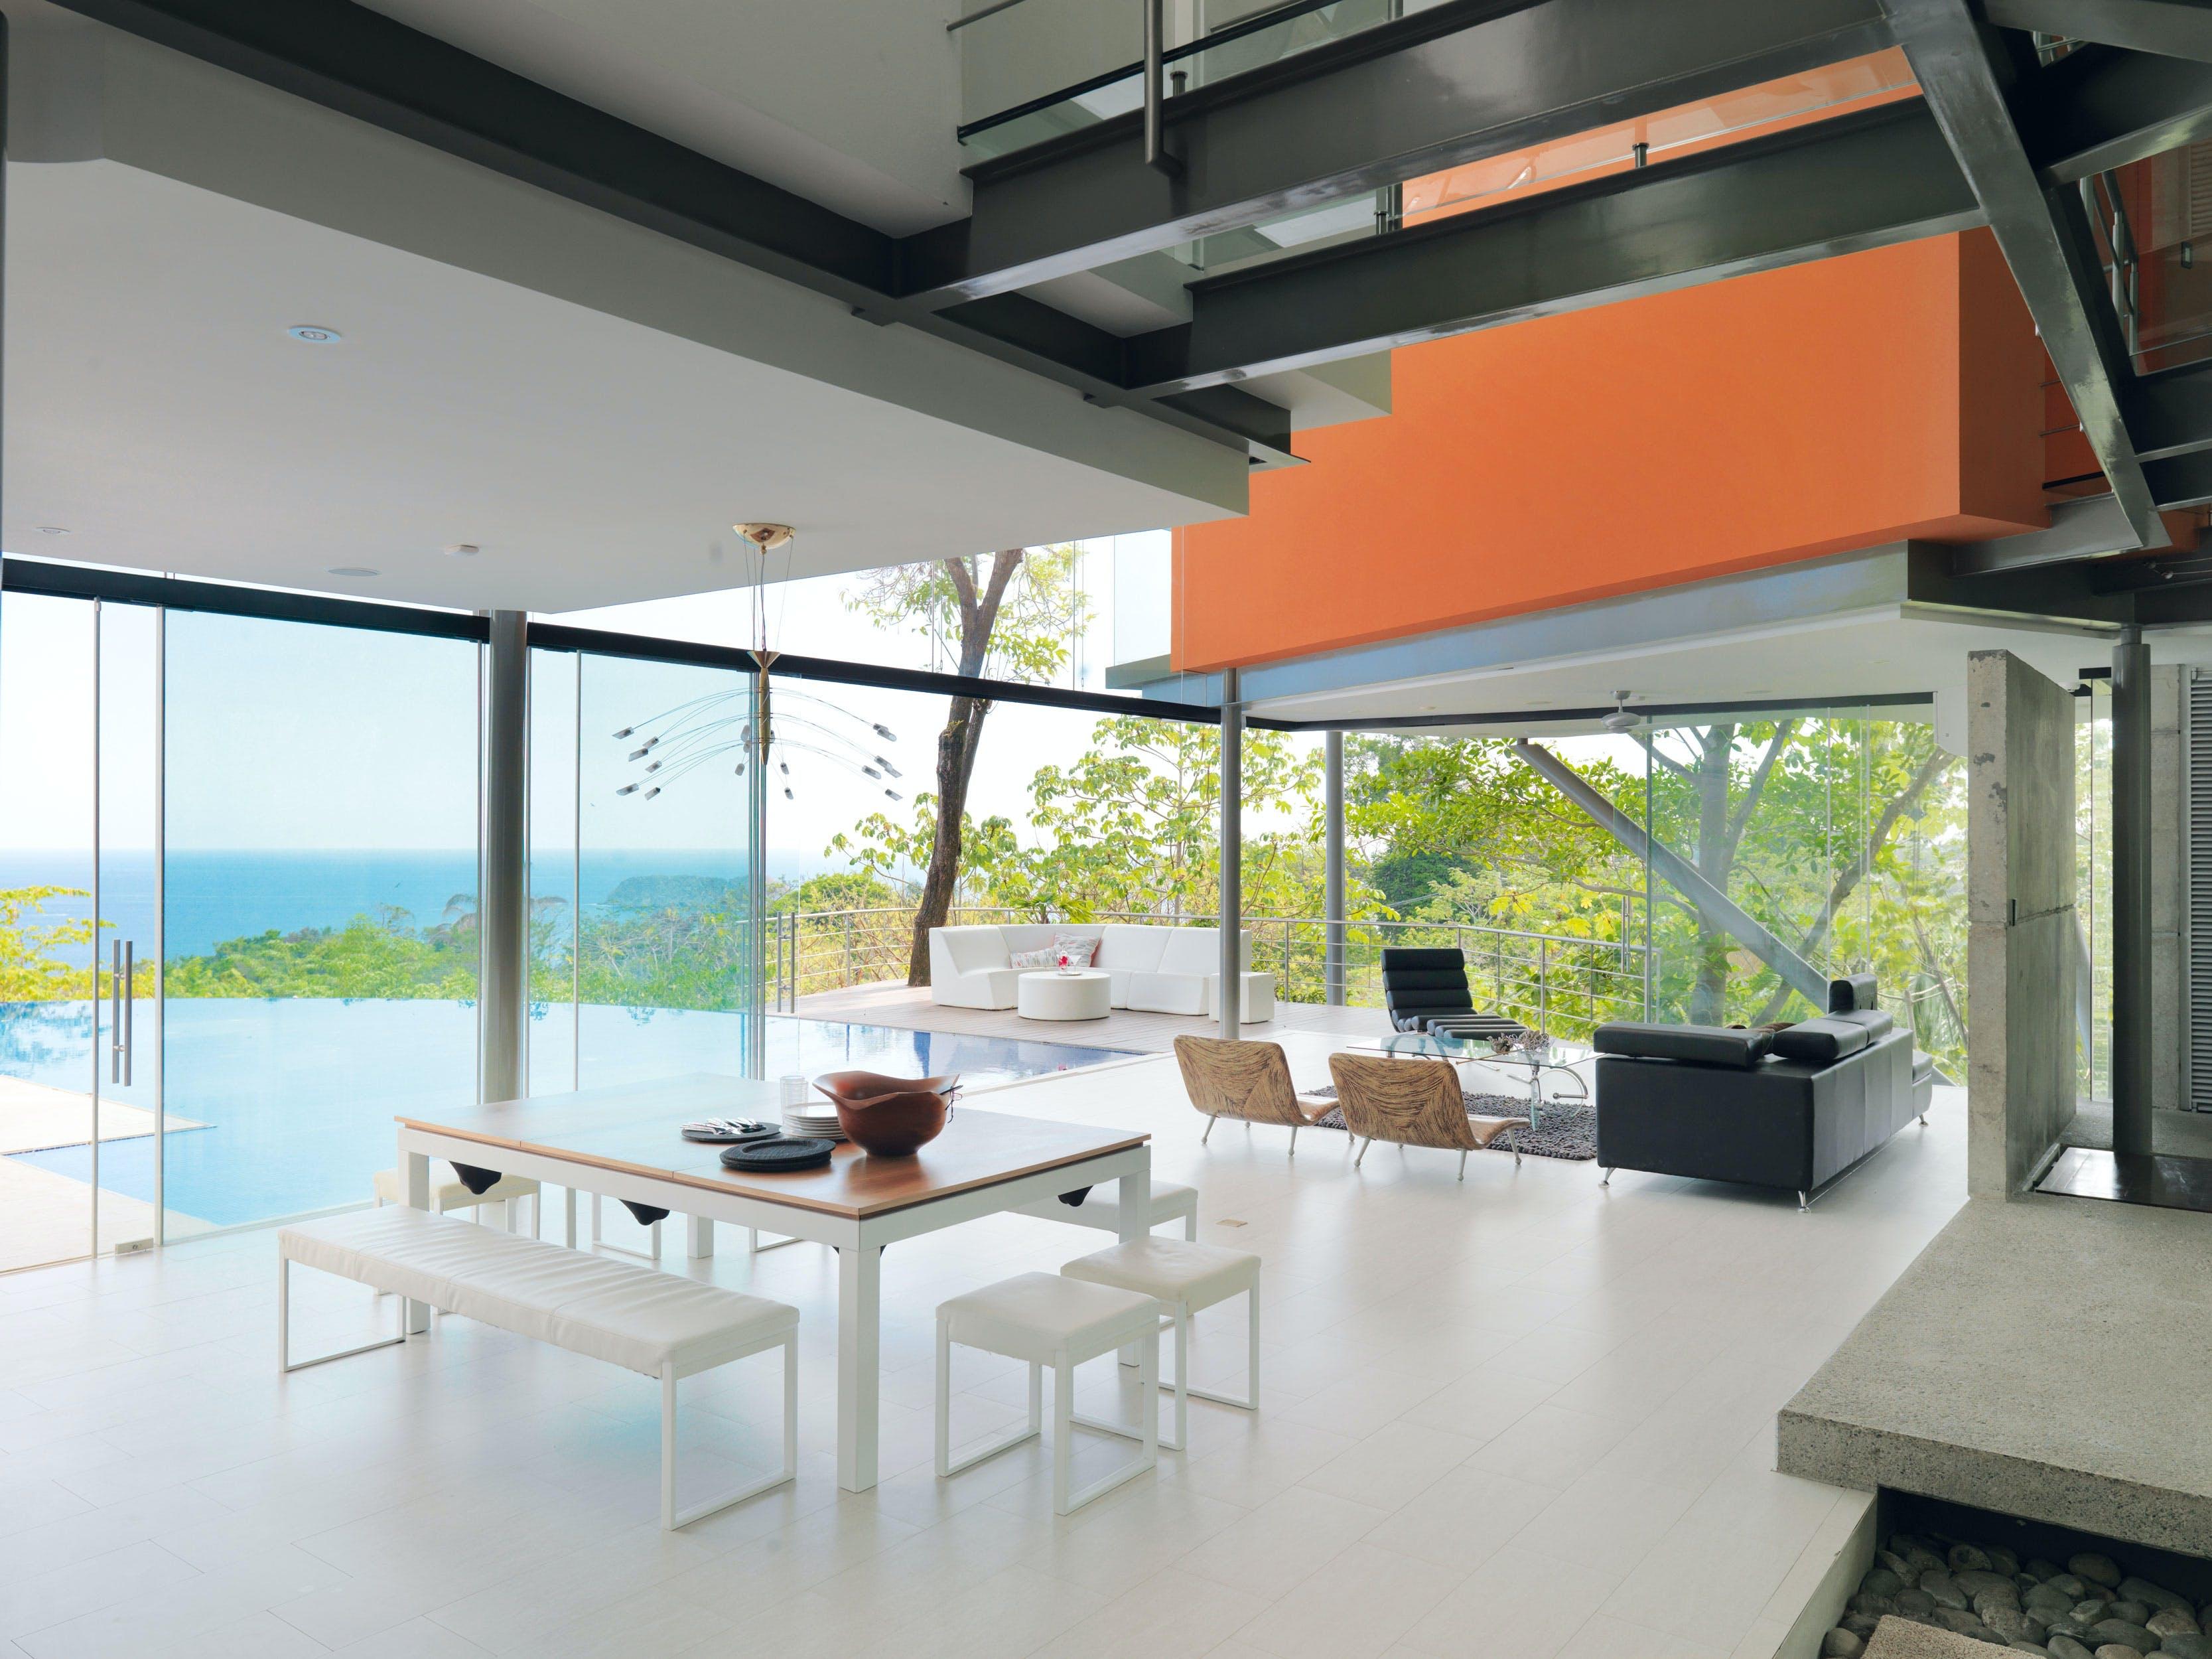 Spisestue, opholdsstue og lounge i ét åbent område